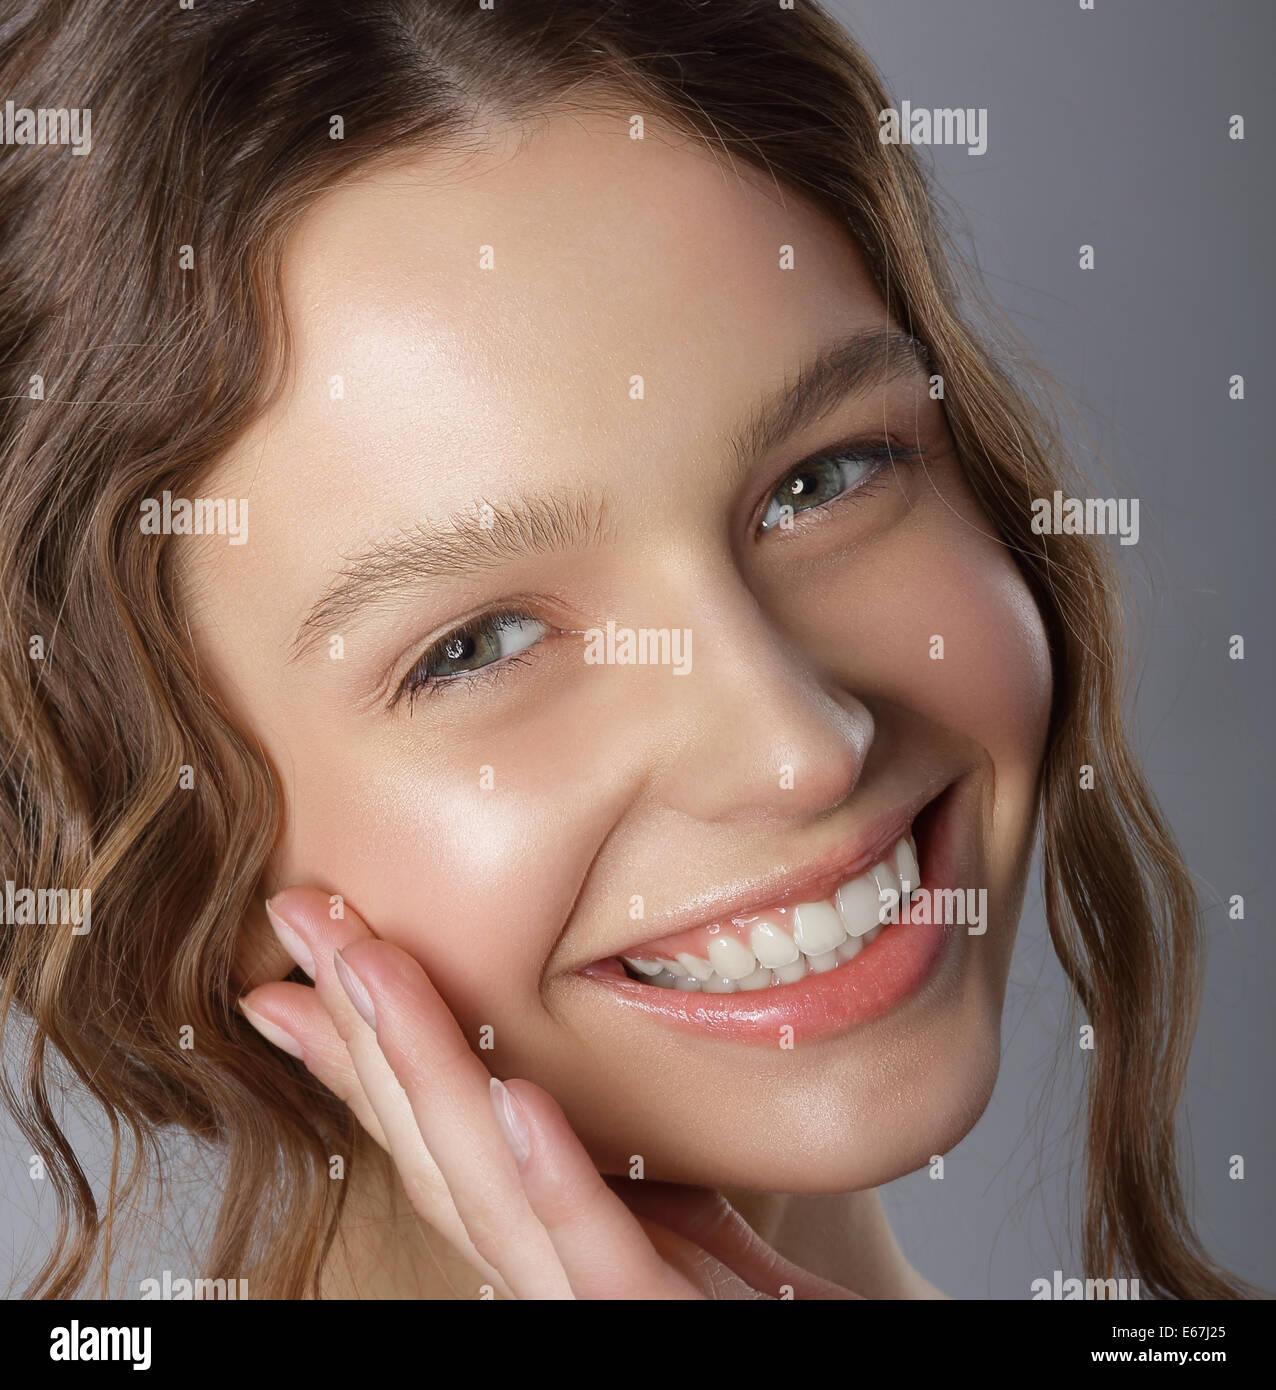 Sincera sonrisa ganadora. Cara de Feliz agradable joven Imagen De Stock